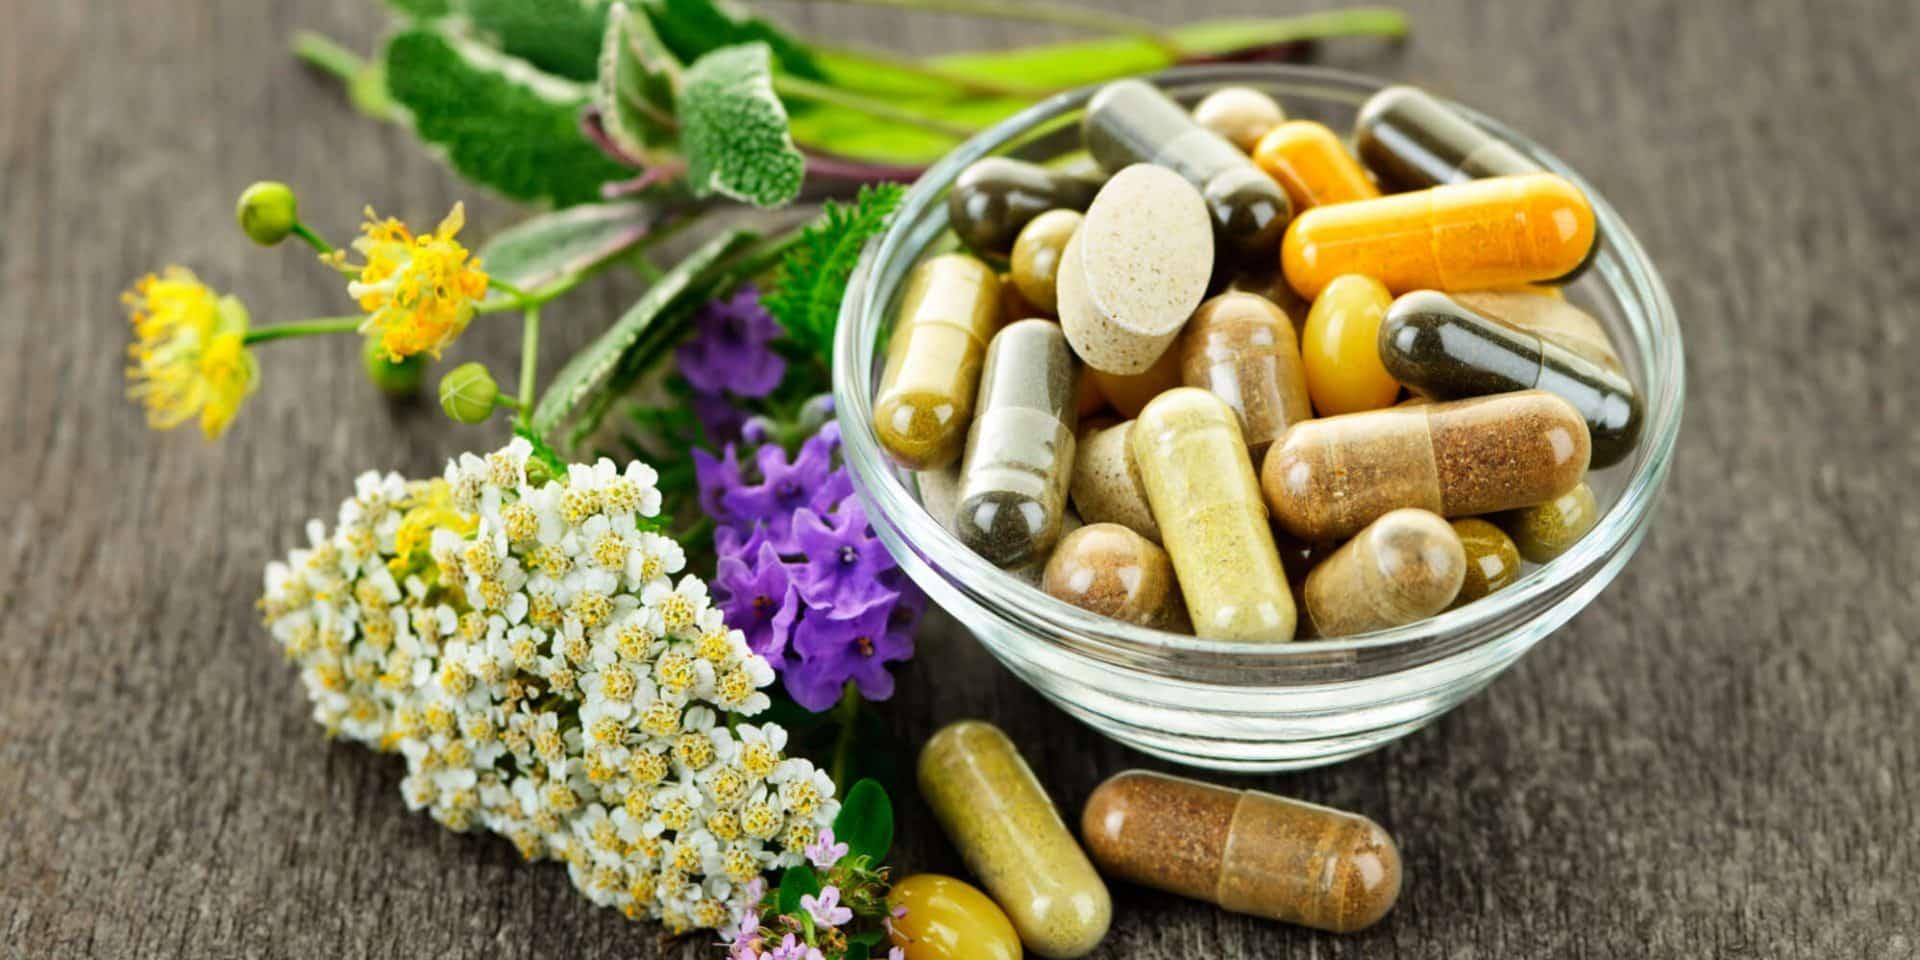 Diuréticos - O que são, para que servem e opções de diuréticos naturais